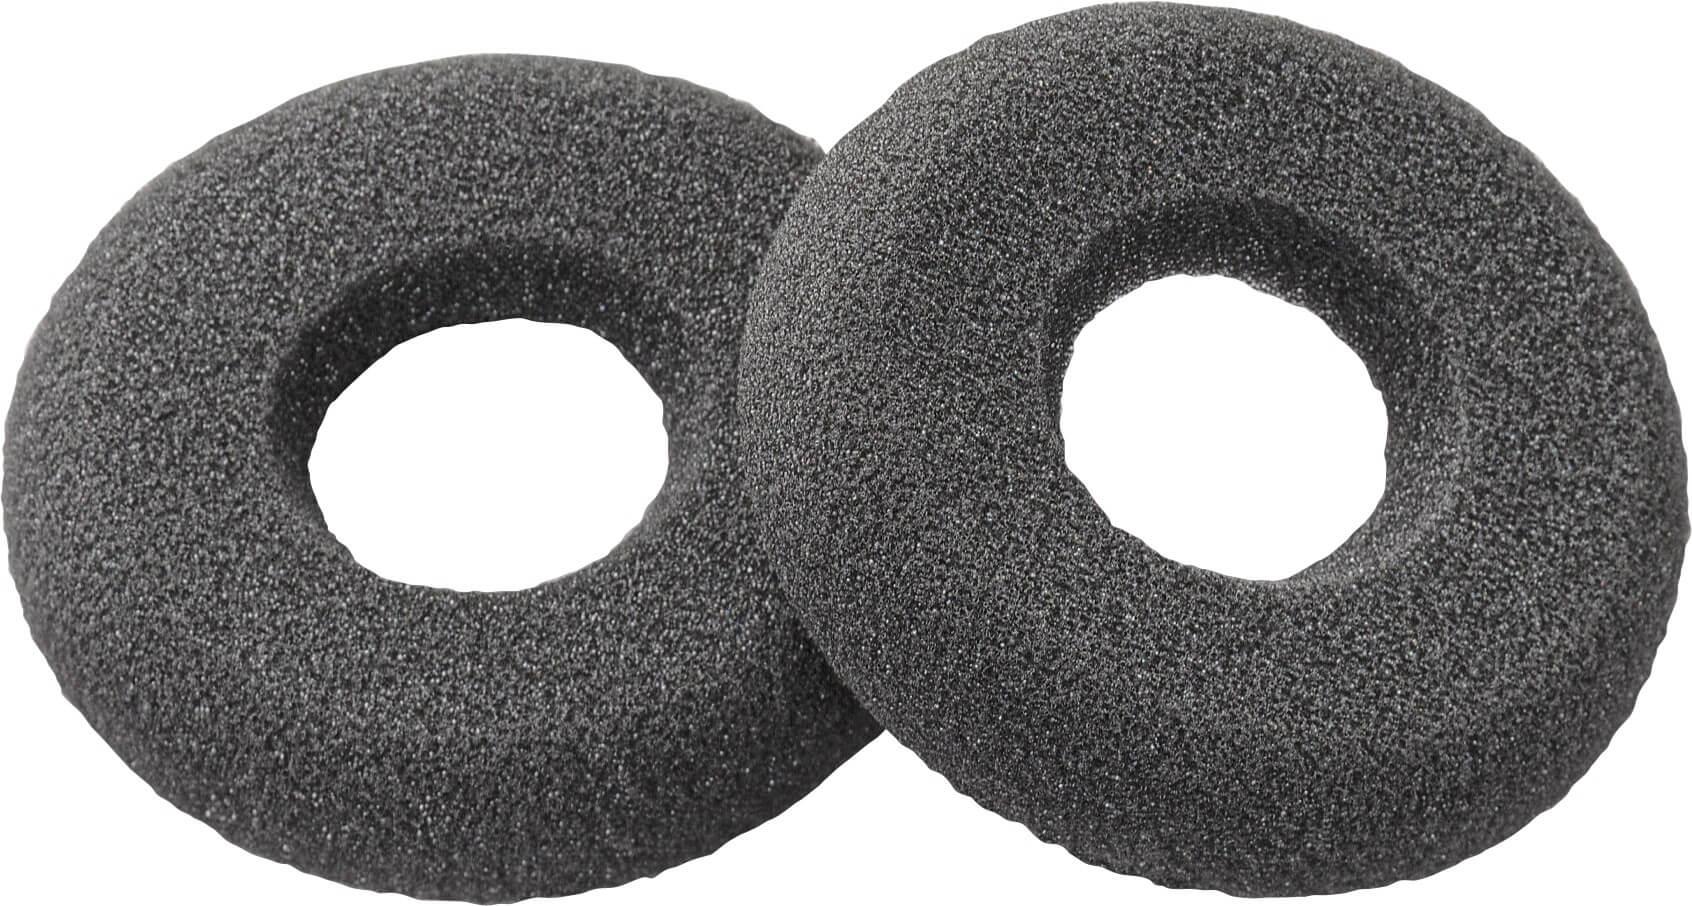 Plantronics SupraPlus Foam Ear Cushions New